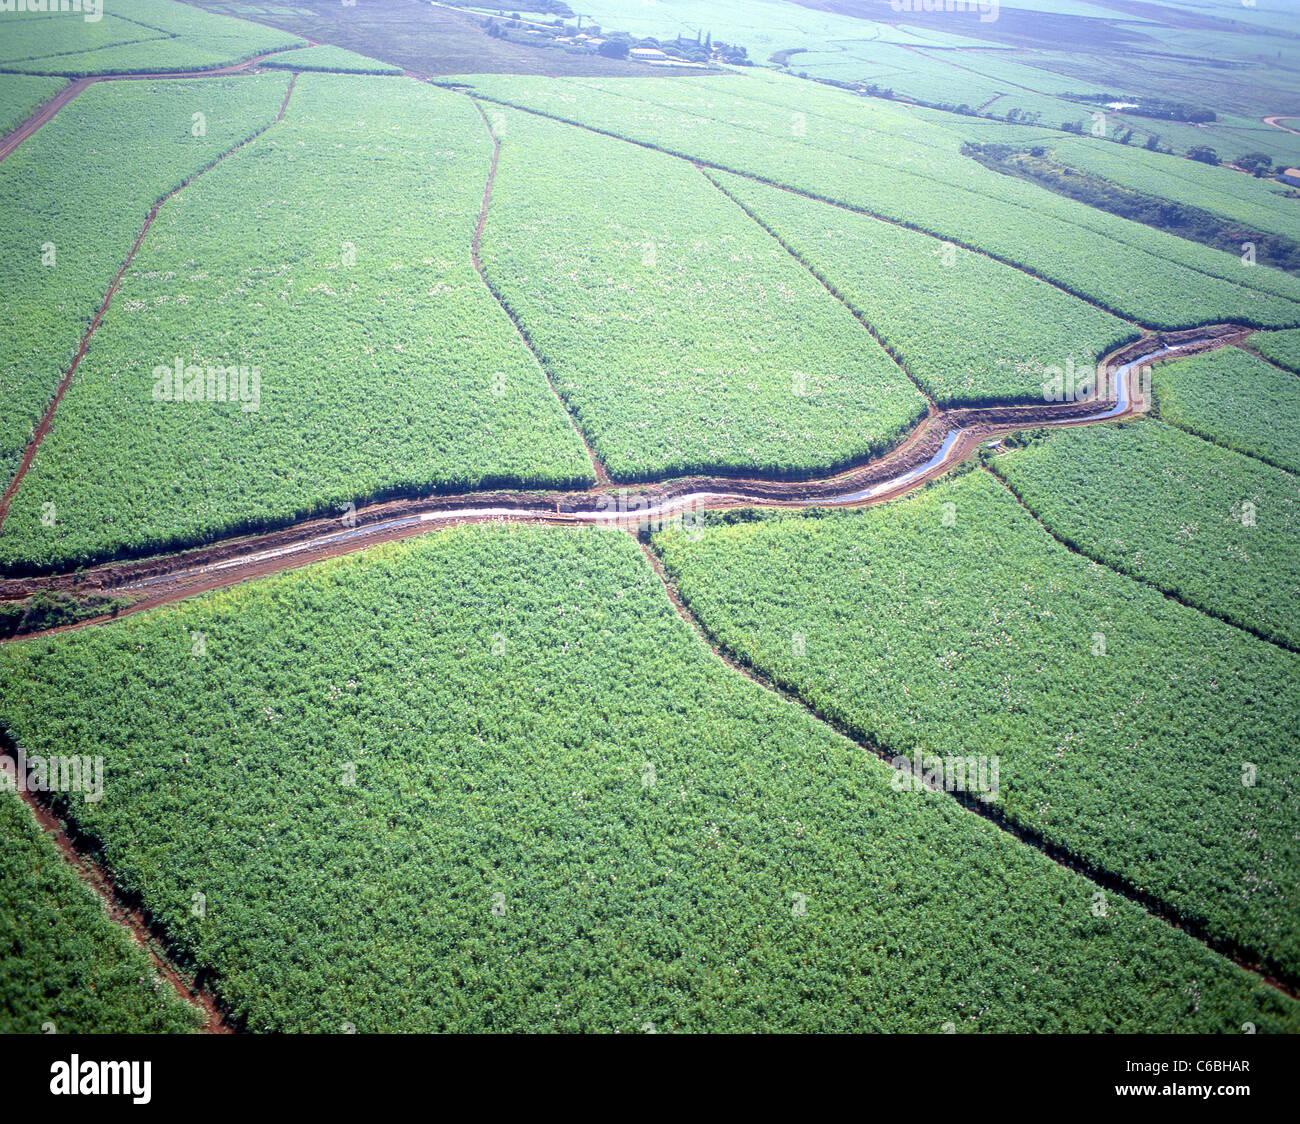 Luftaufnahme von Ananasplantagen, Oahu, Hawaii, Vereinigte Staaten von Amerika Stockbild